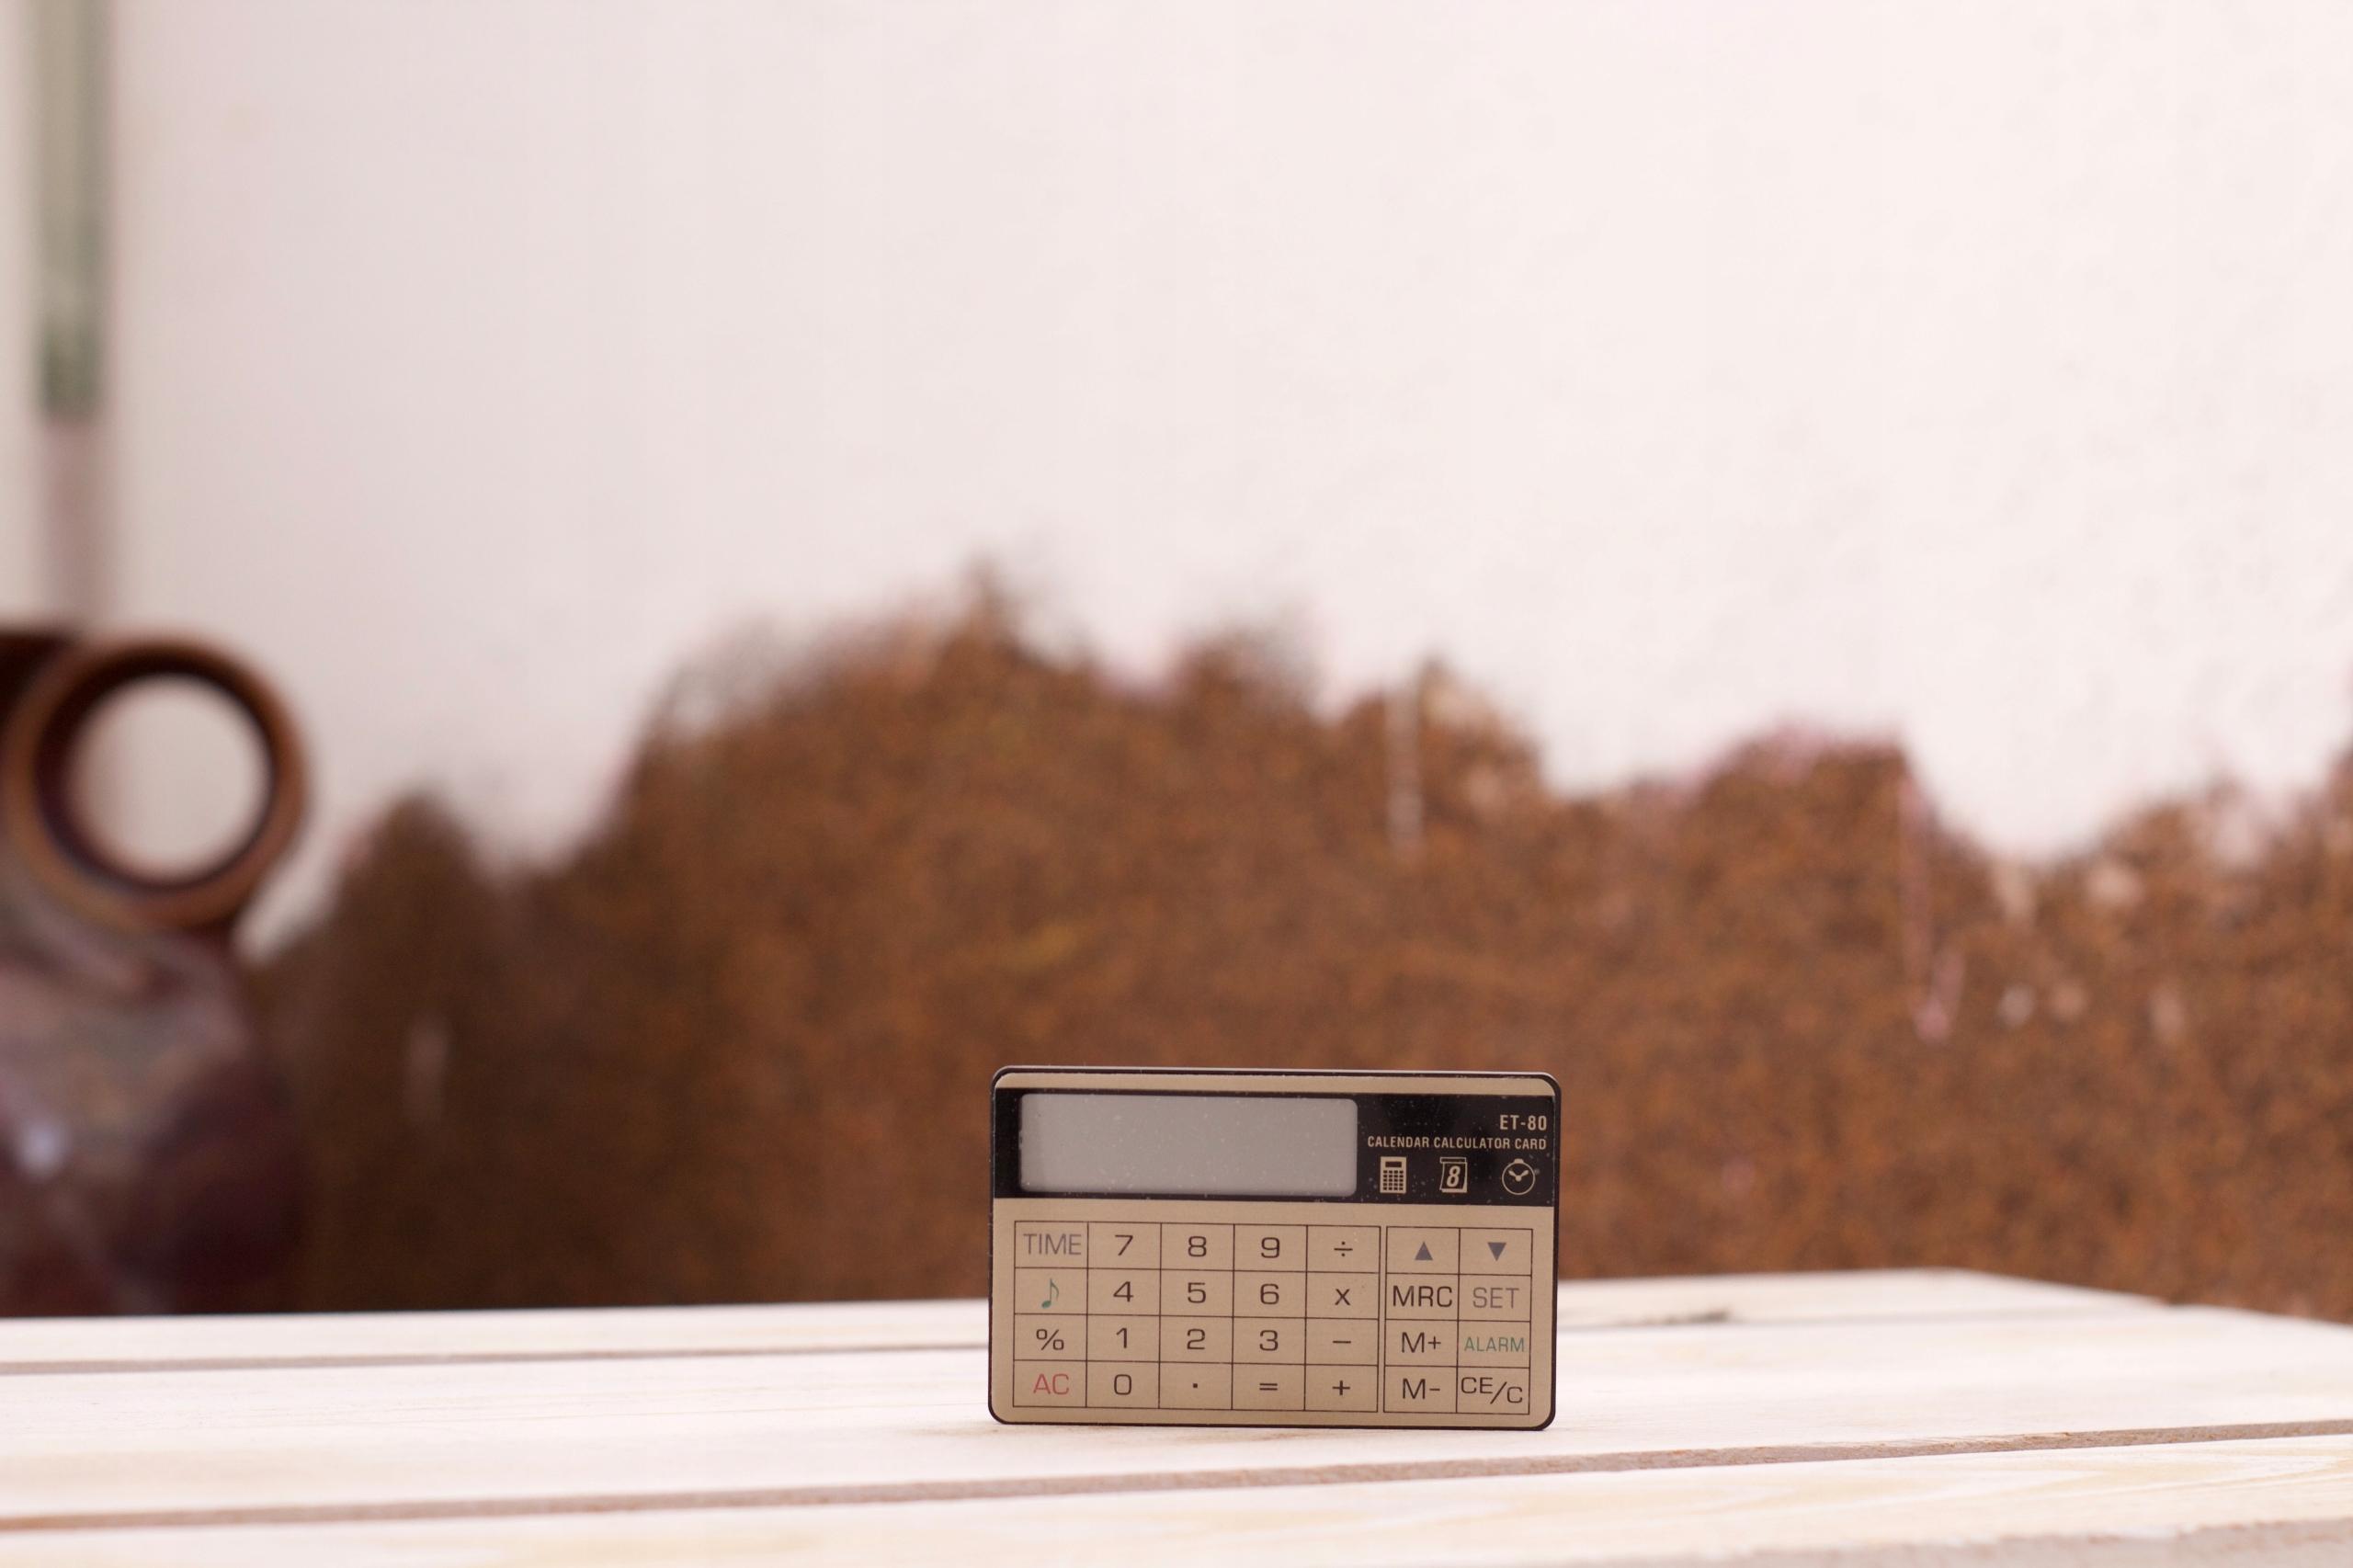 Kalkulator EATES ET-80 Polecam !